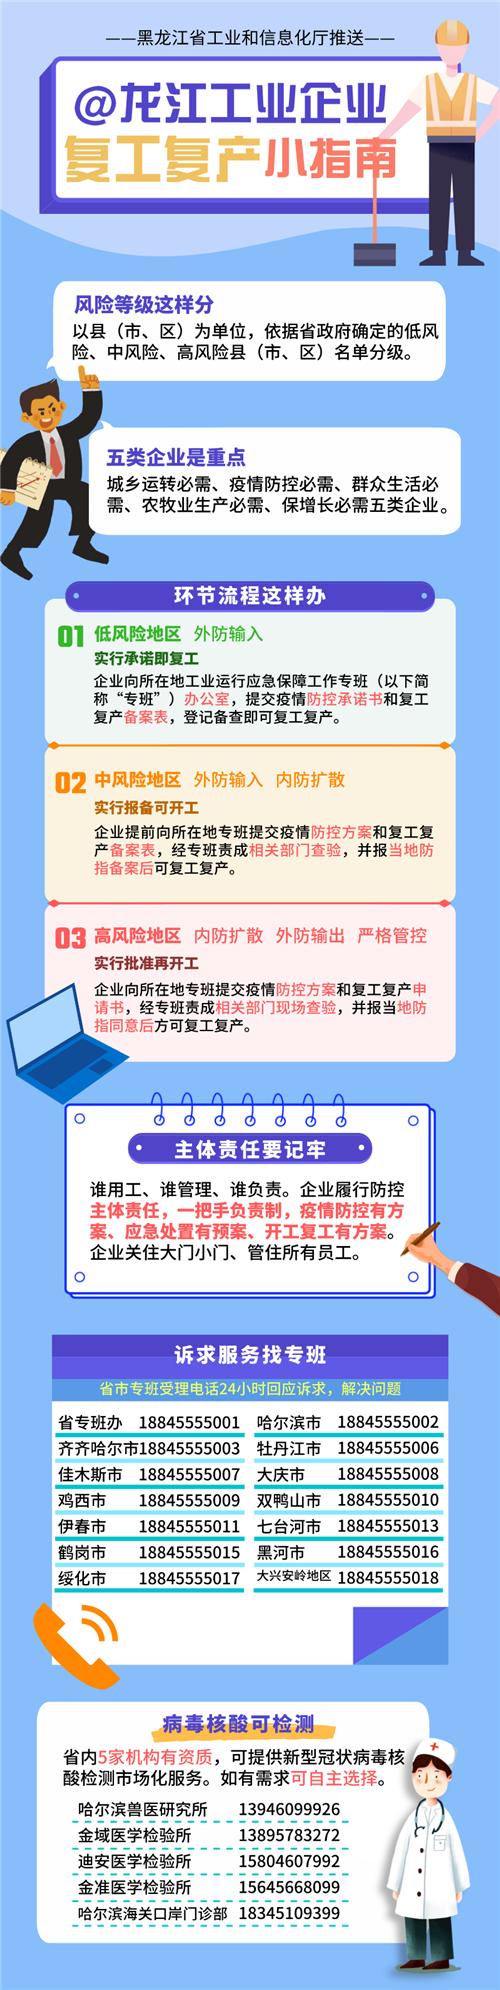 开复工有问题?找专班!黑龙江省公布各地市开复工专班热线